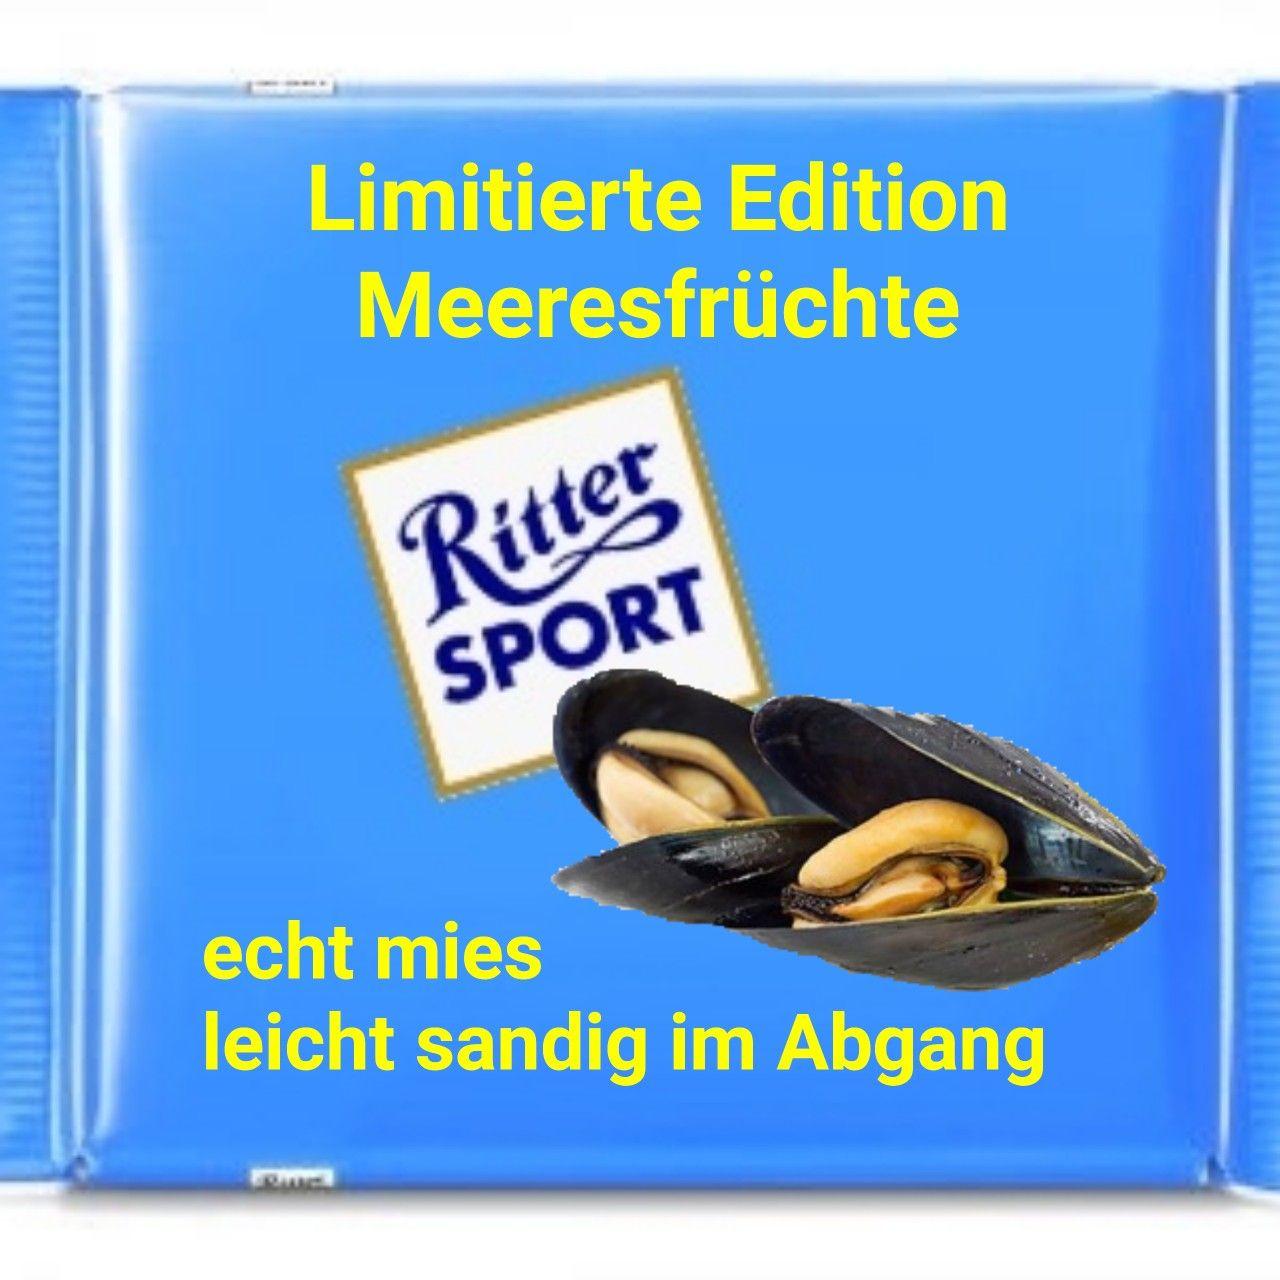 Photo of Ritter Sport lustige lustige Sprüche Bild Bilder. Muscheln Meeresfrüchte